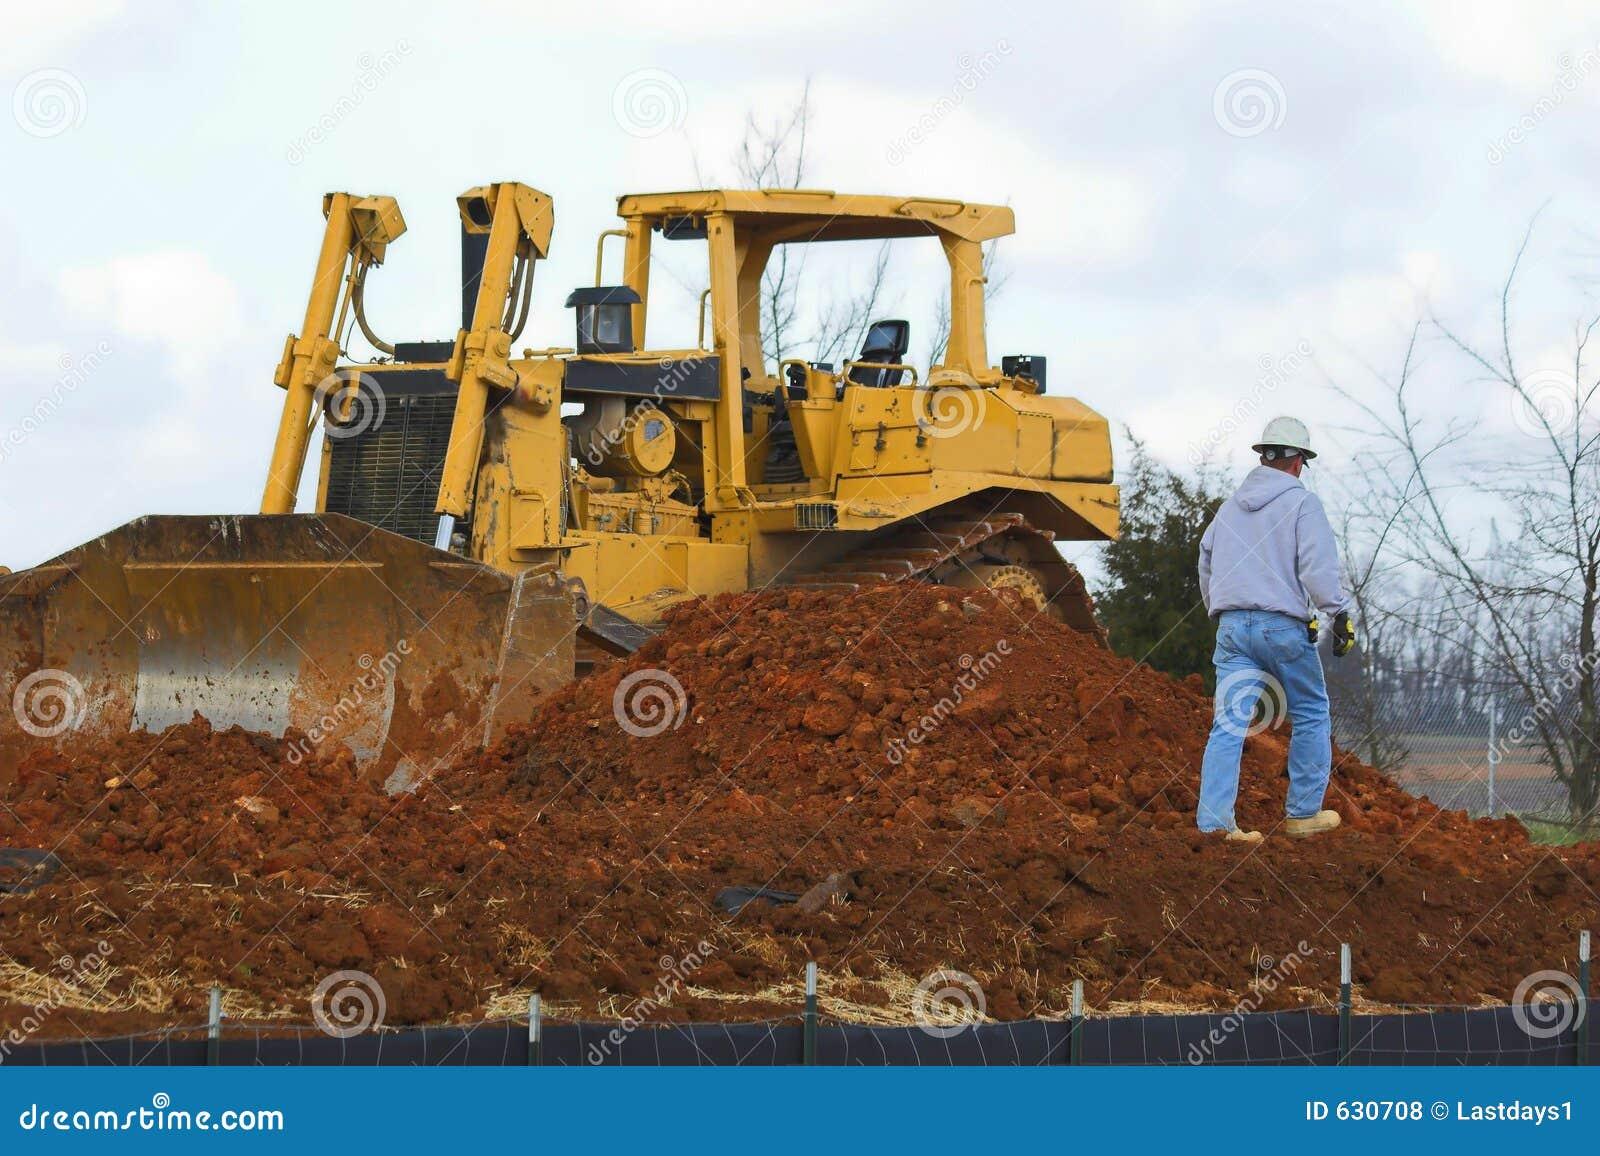 Bulldozerworking